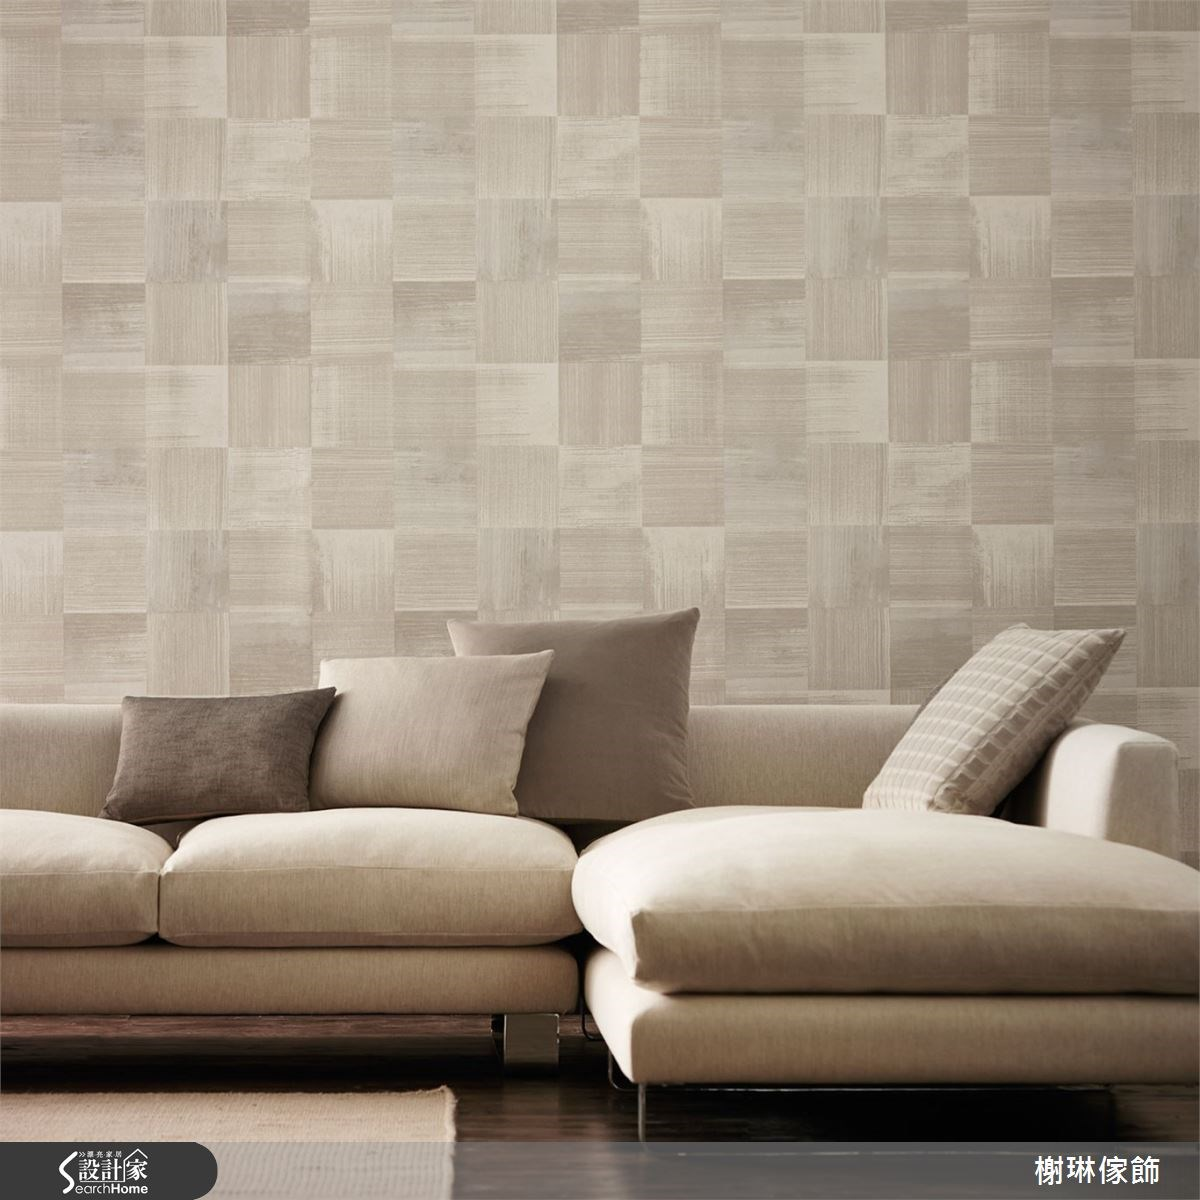 _案例圖片_榭琳傢飾設計公司_榭琳傢飾-窗簾,壁紙,傢俱_ Anthology 1之7